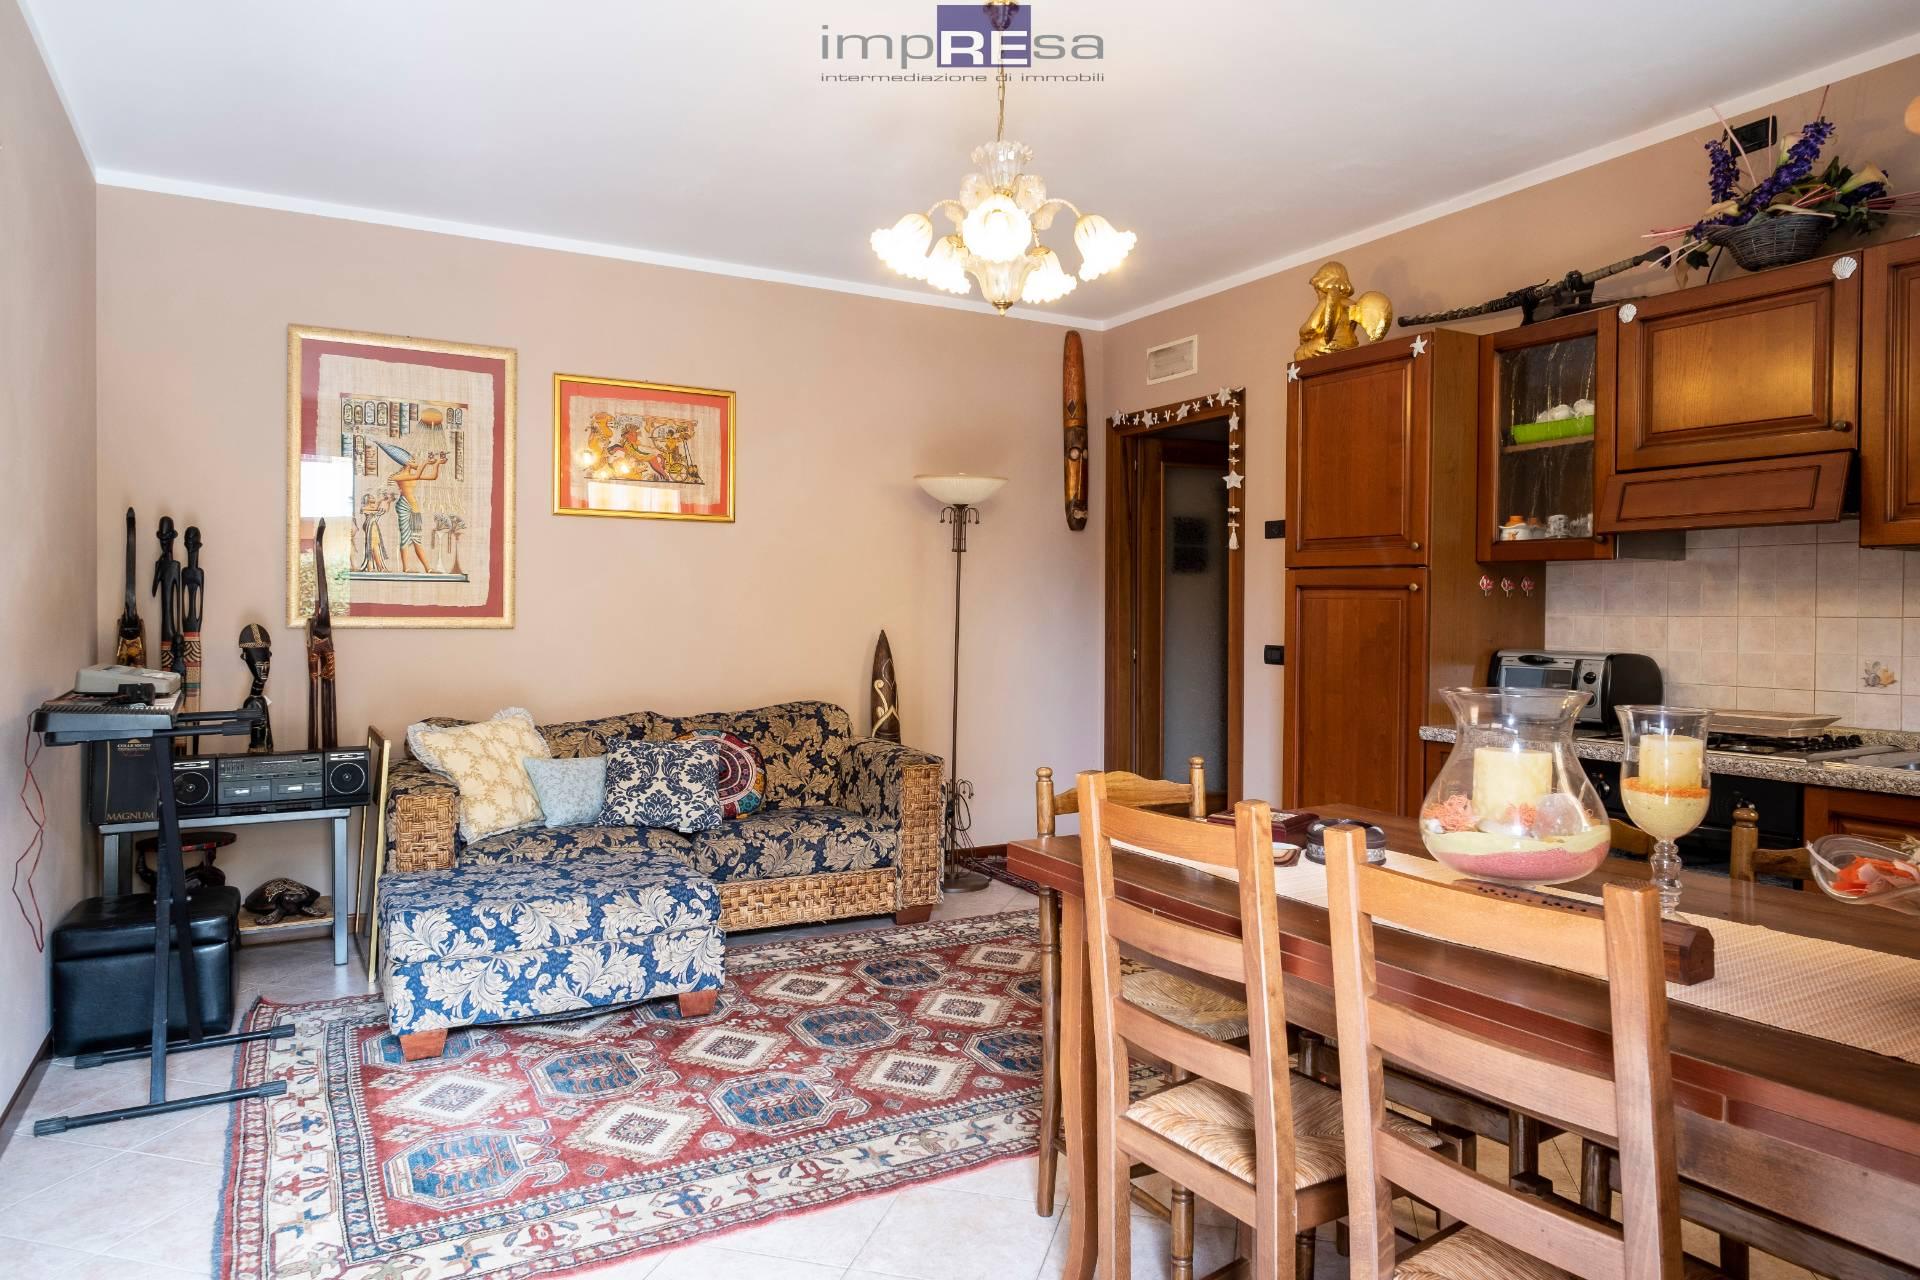 Appartamento in vendita a Preganziol, 3 locali, zona Zona: Sambughè, prezzo € 110.000 | CambioCasa.it